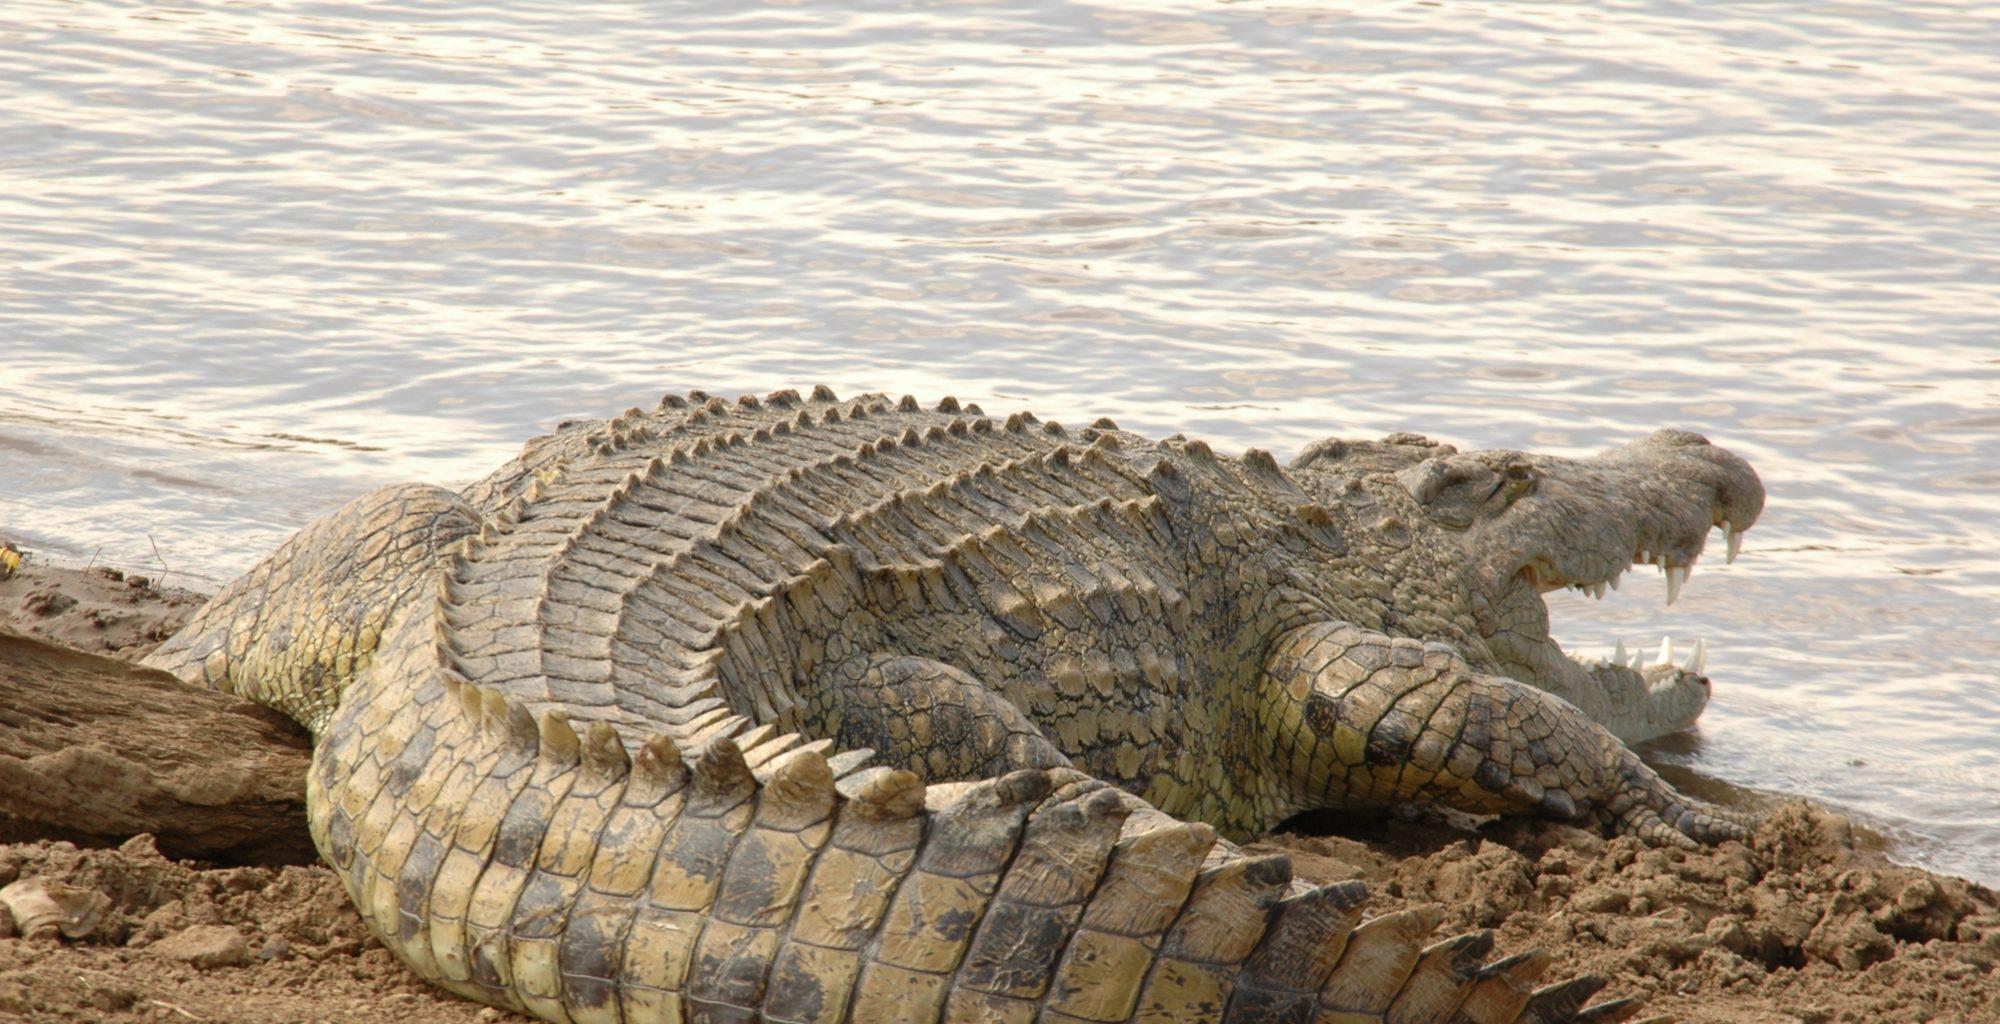 Tana Delta Camp Kenya Croc